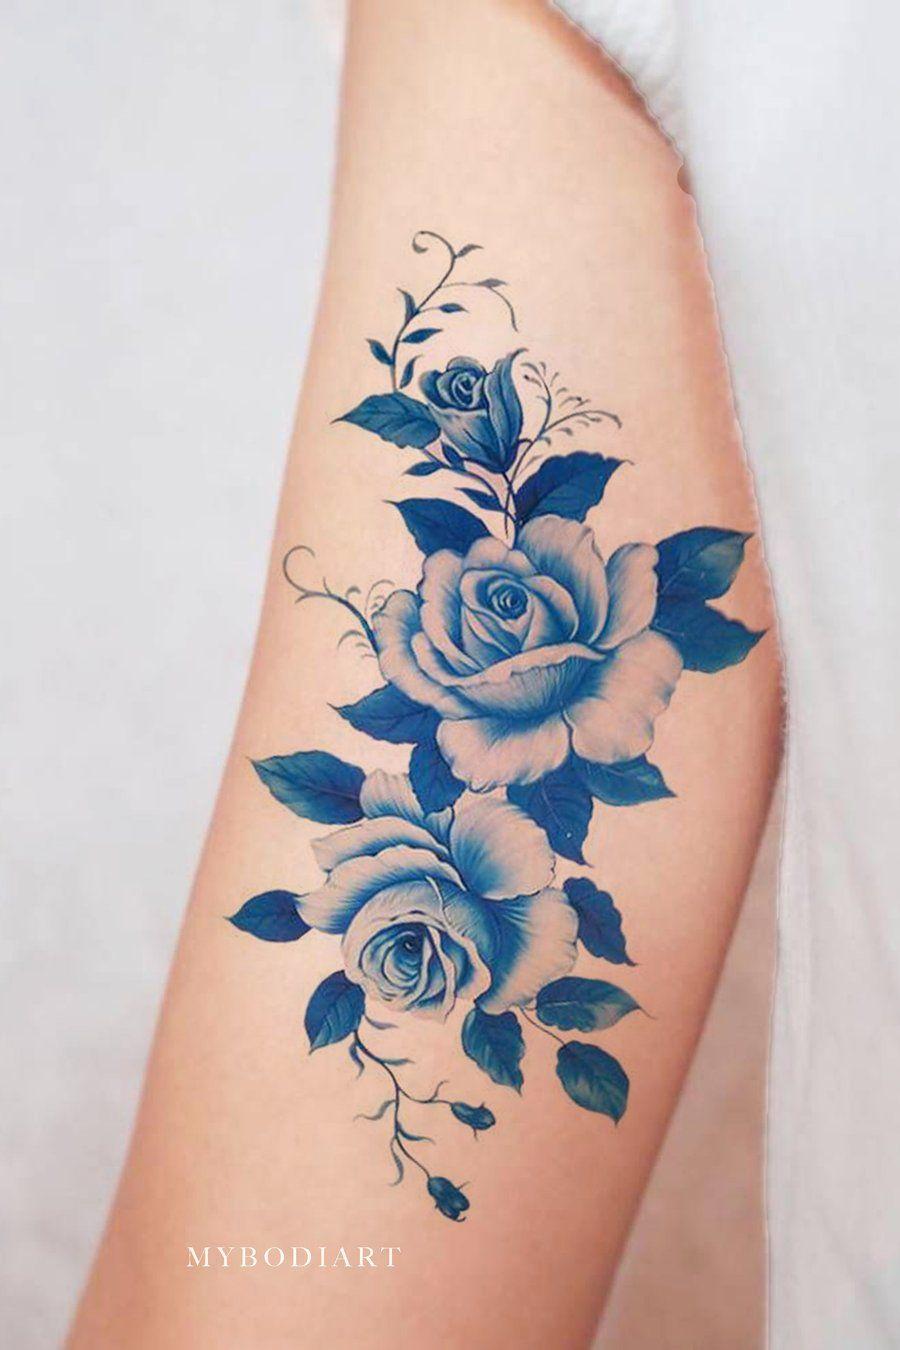 a044d508b Vintage Watercolor Blue Arm Temporary Tattoo Ideas for Women - Ideas de  tatuaje de brazo de acuarela azul para mujeres - www.MyBodiArt.com